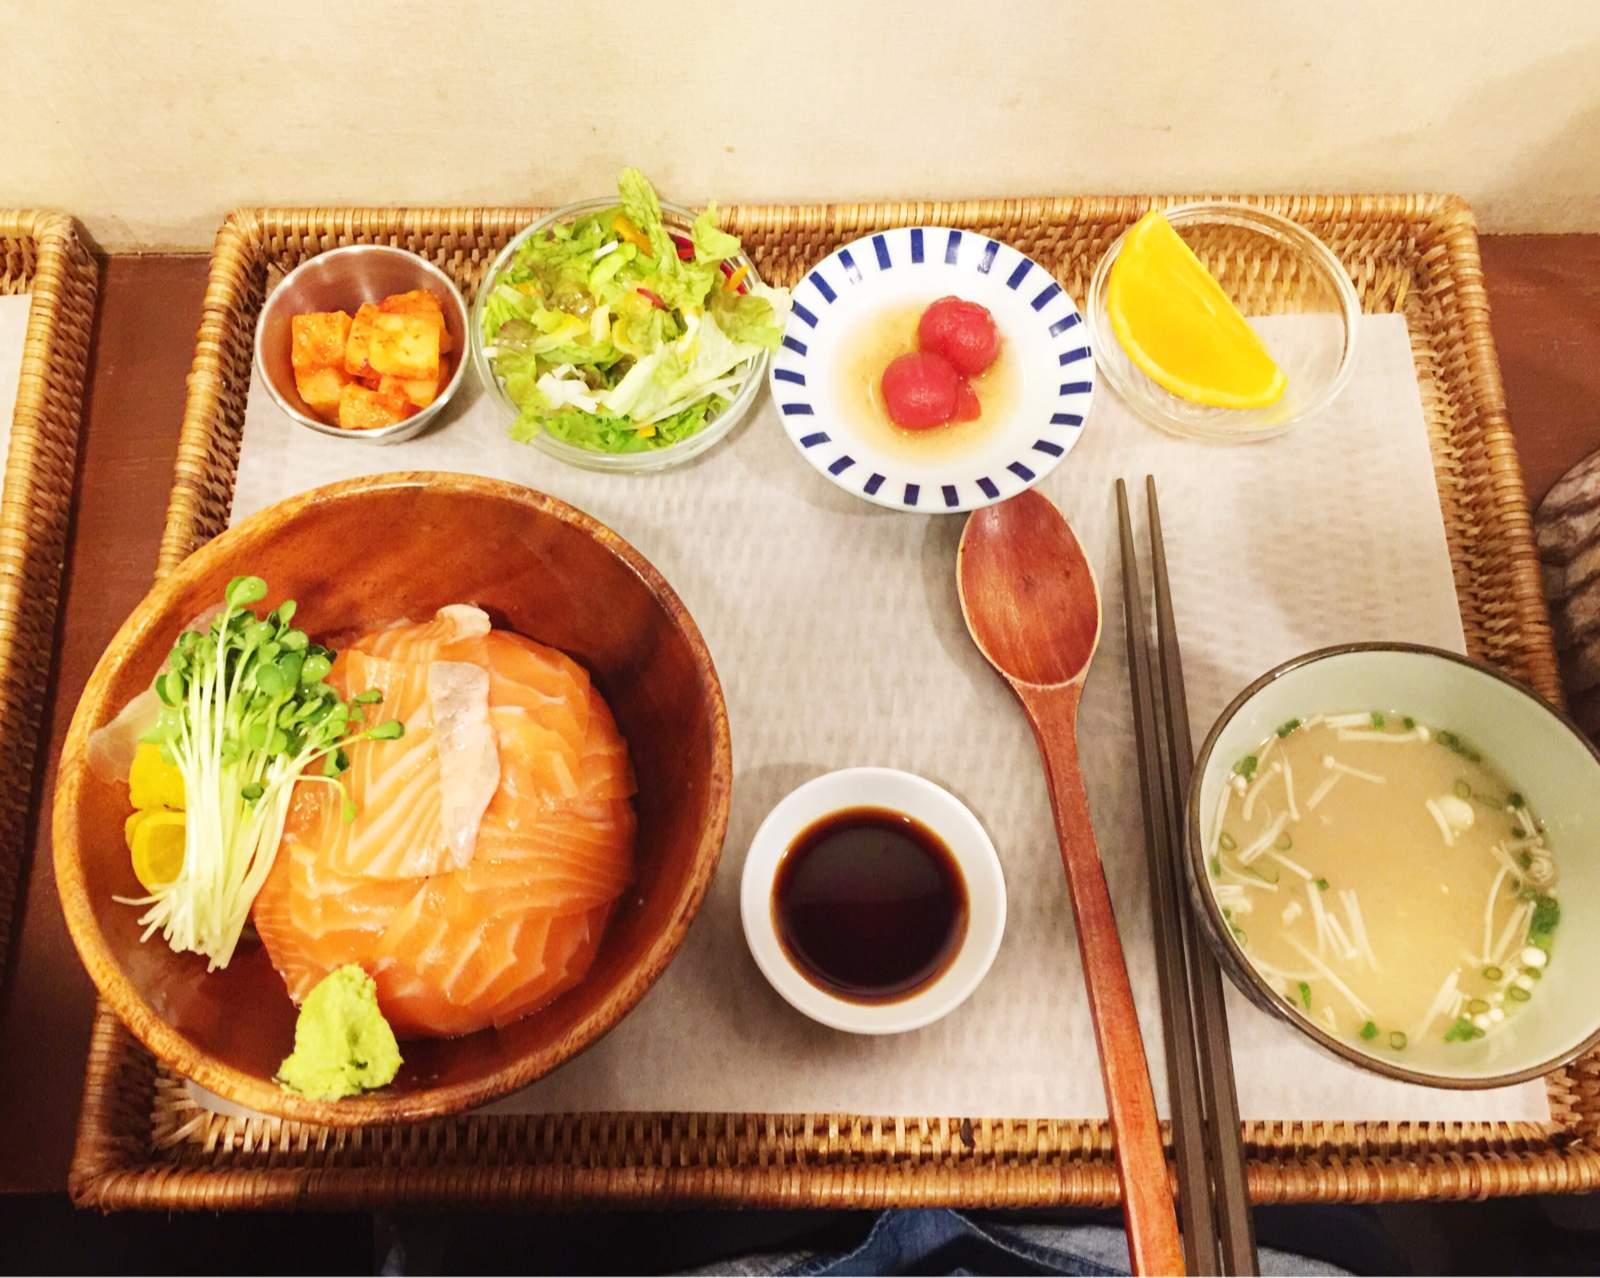 所有的餐點都是用竹籃托盤端上來,雖說不到精緻,但也是能感受到老闆的用心,主食之外還有湯有生菜沙拉有餐後水果,是兼顧到營養均衡的餐點,出門在外也是可以吃得健康又美味啊~~